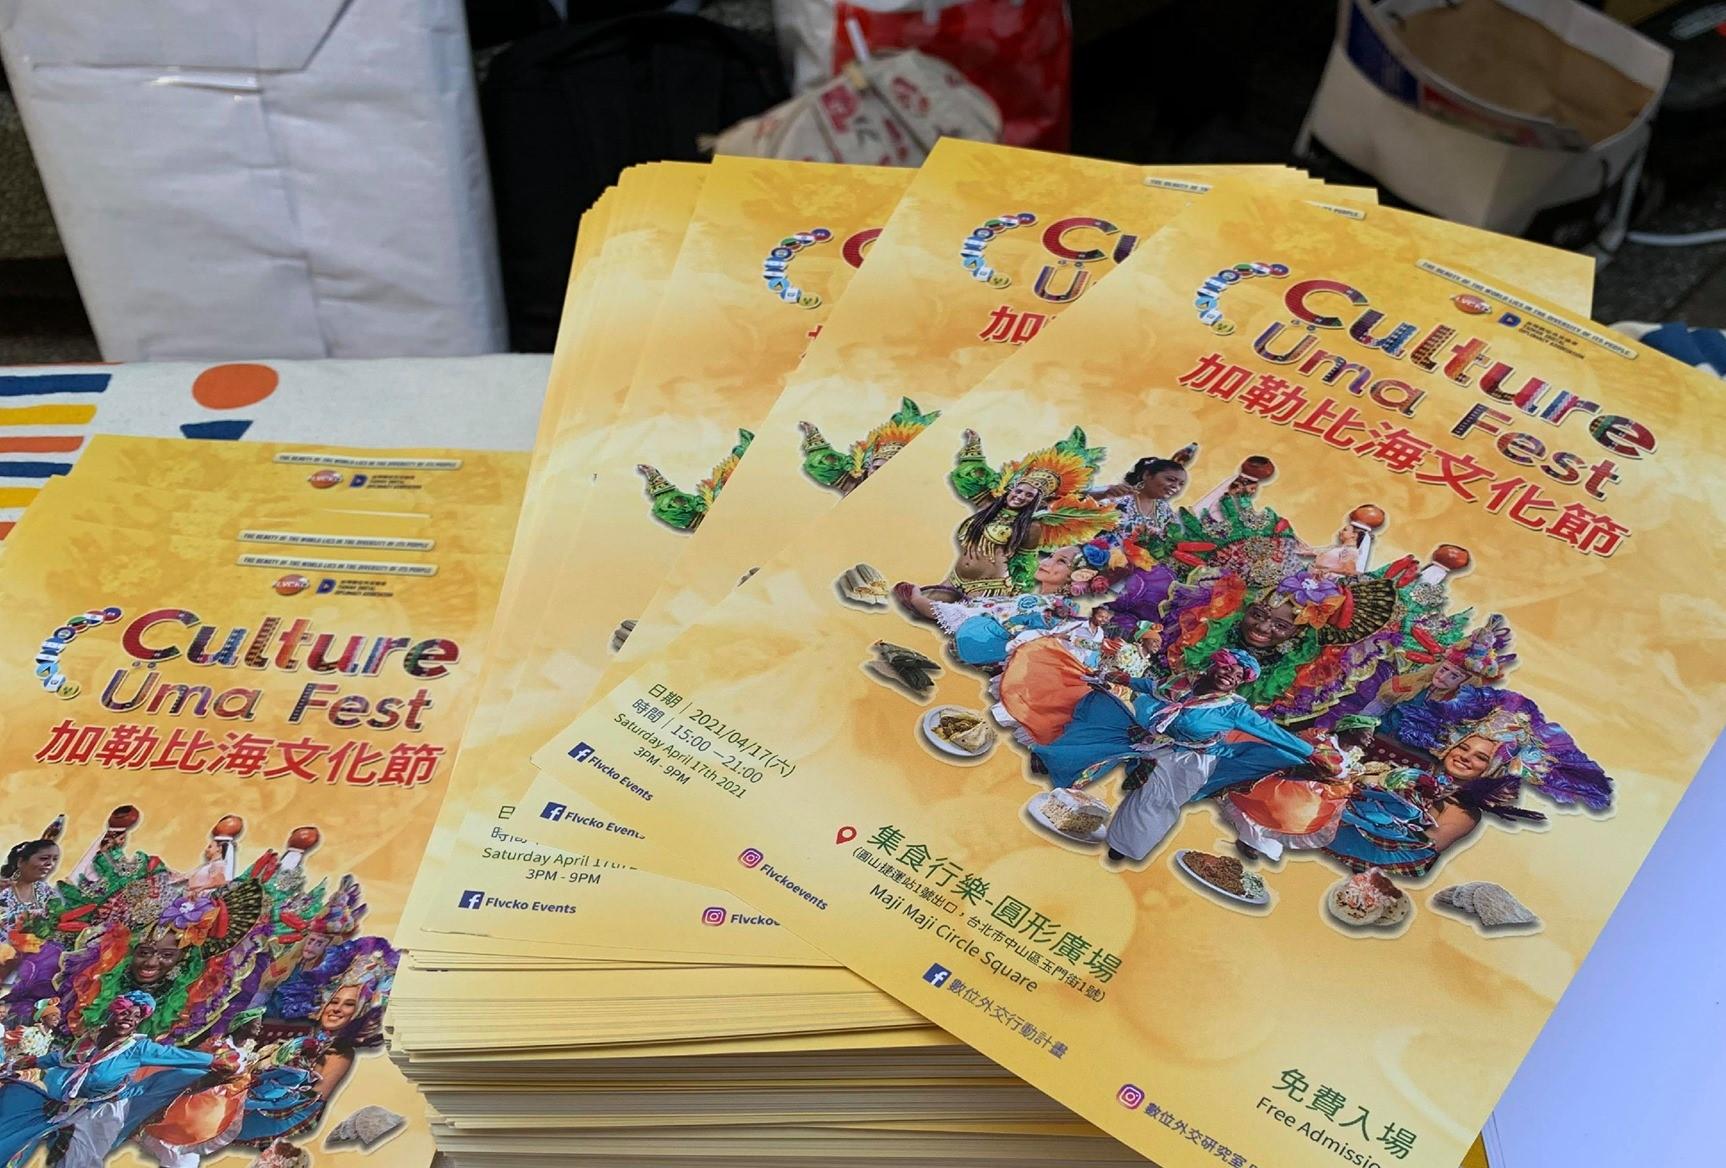 Culture Uma Fest poster. (TDAA photo)